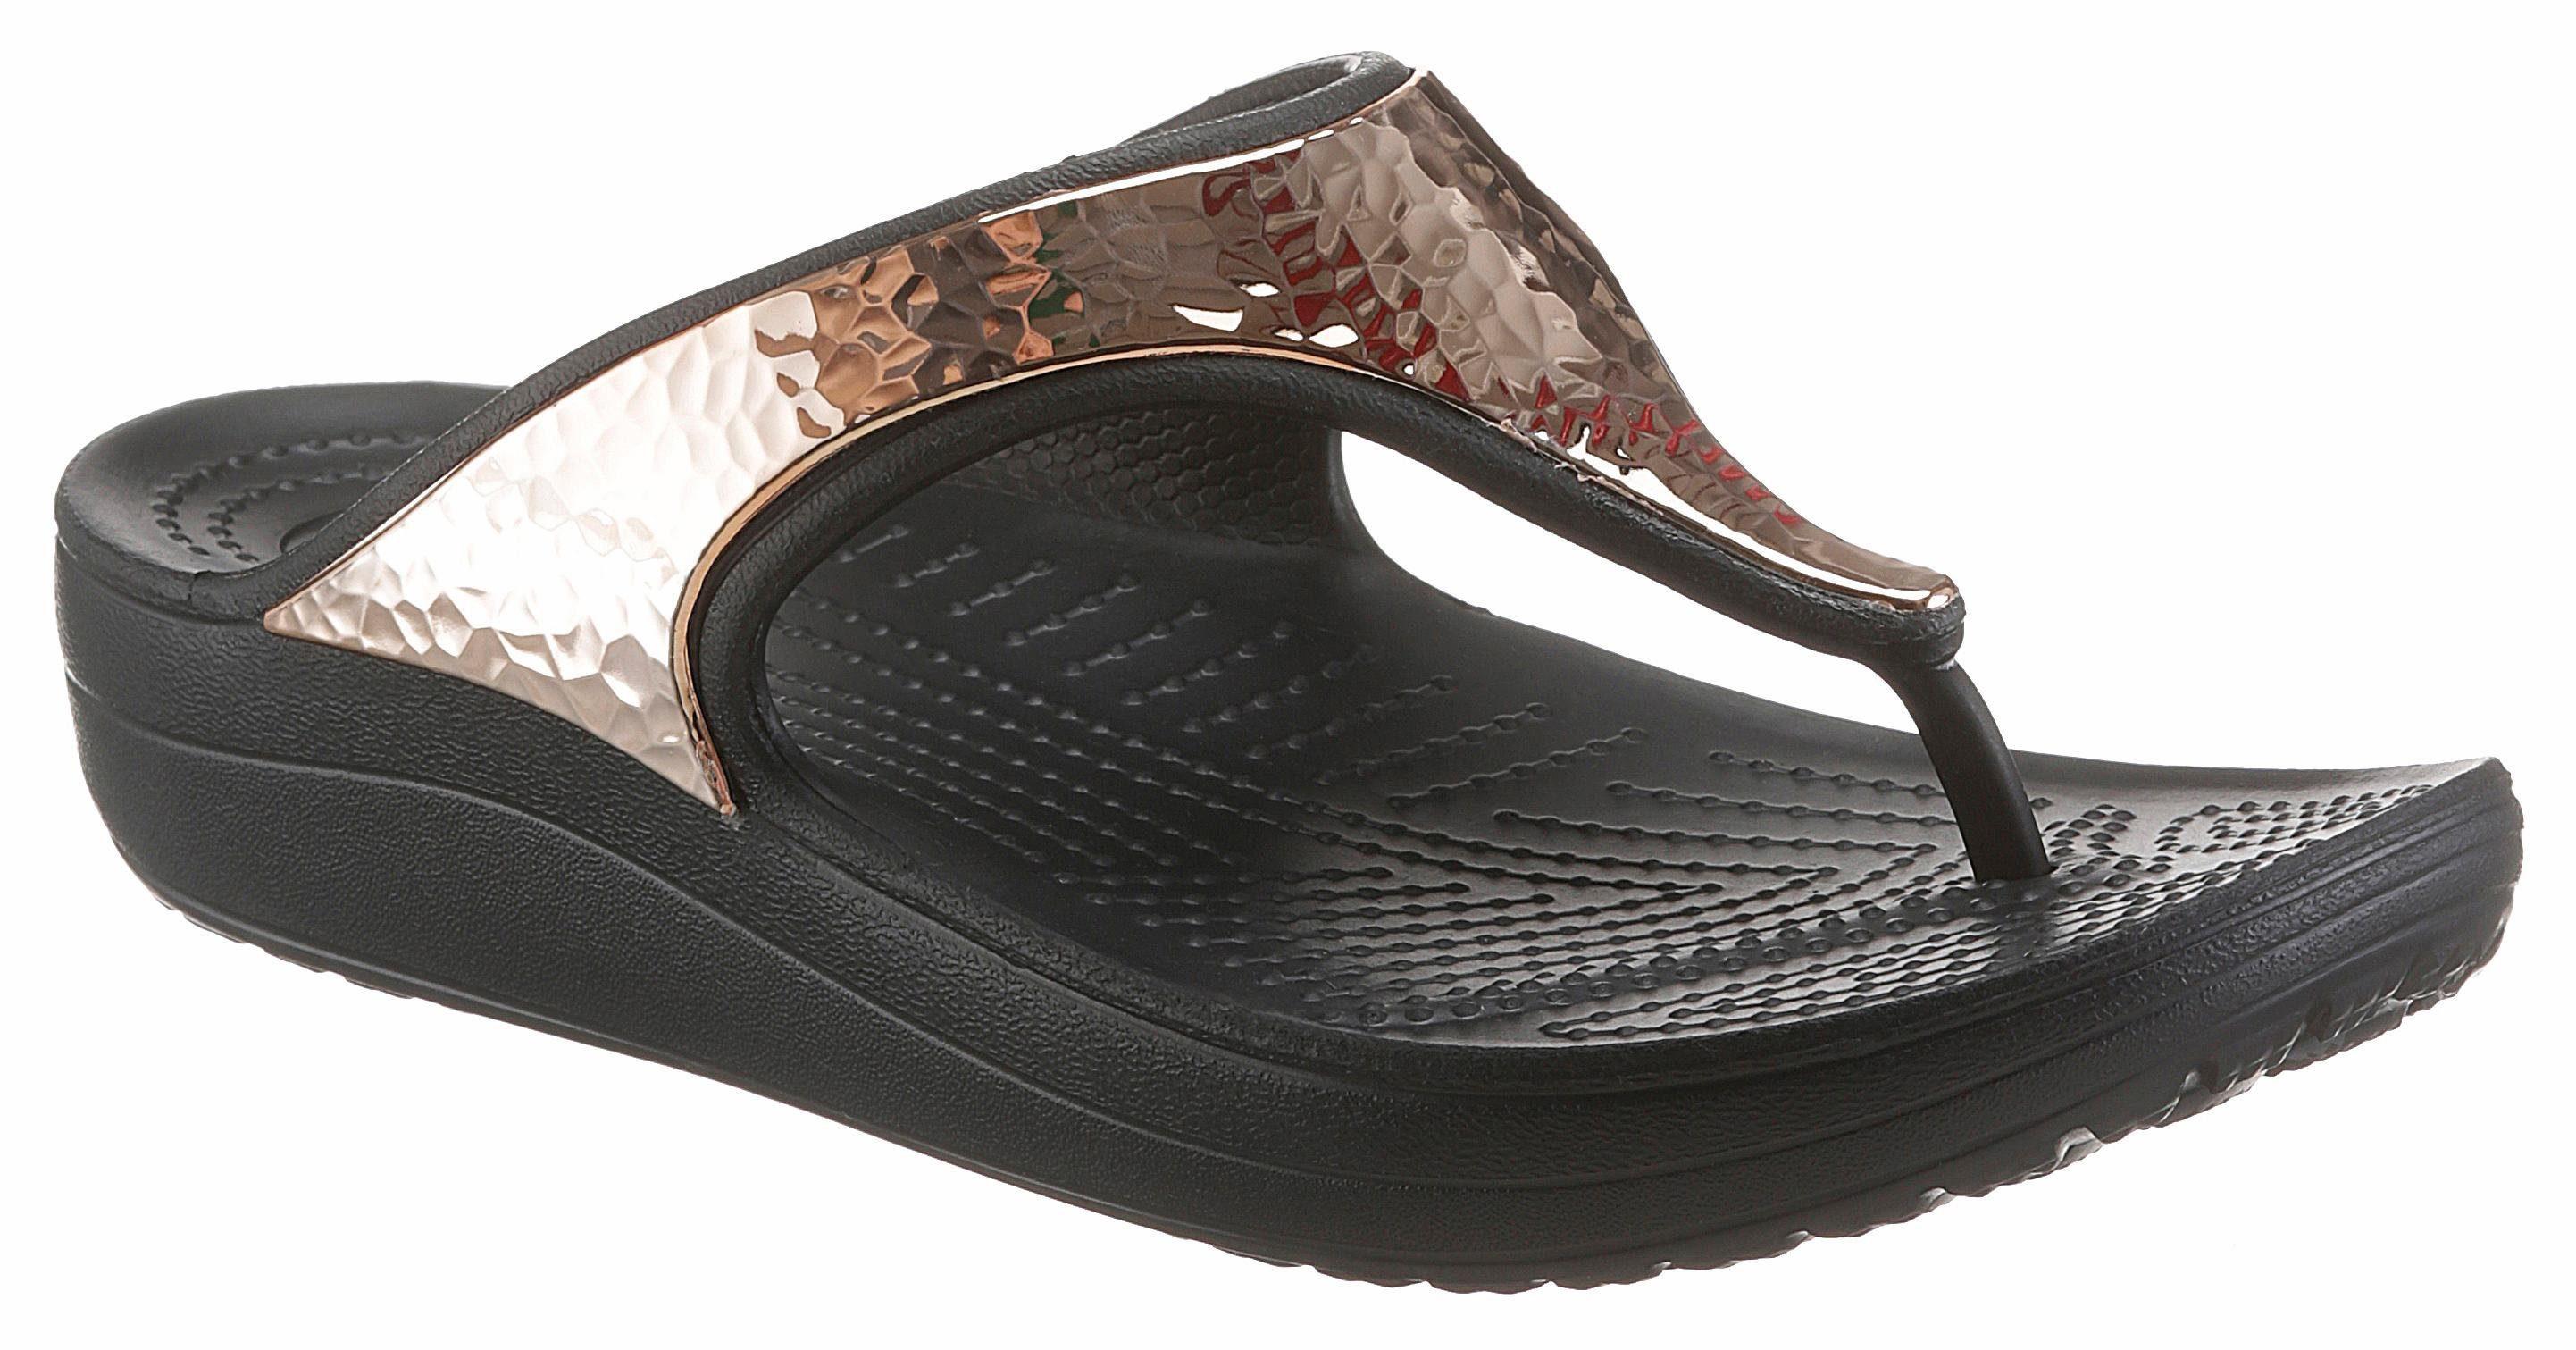 Crocs Sloane Hammered Met Flip Zehentrenner, mit gehämmertem Metalleinsatz online kaufen  roségoldfarben